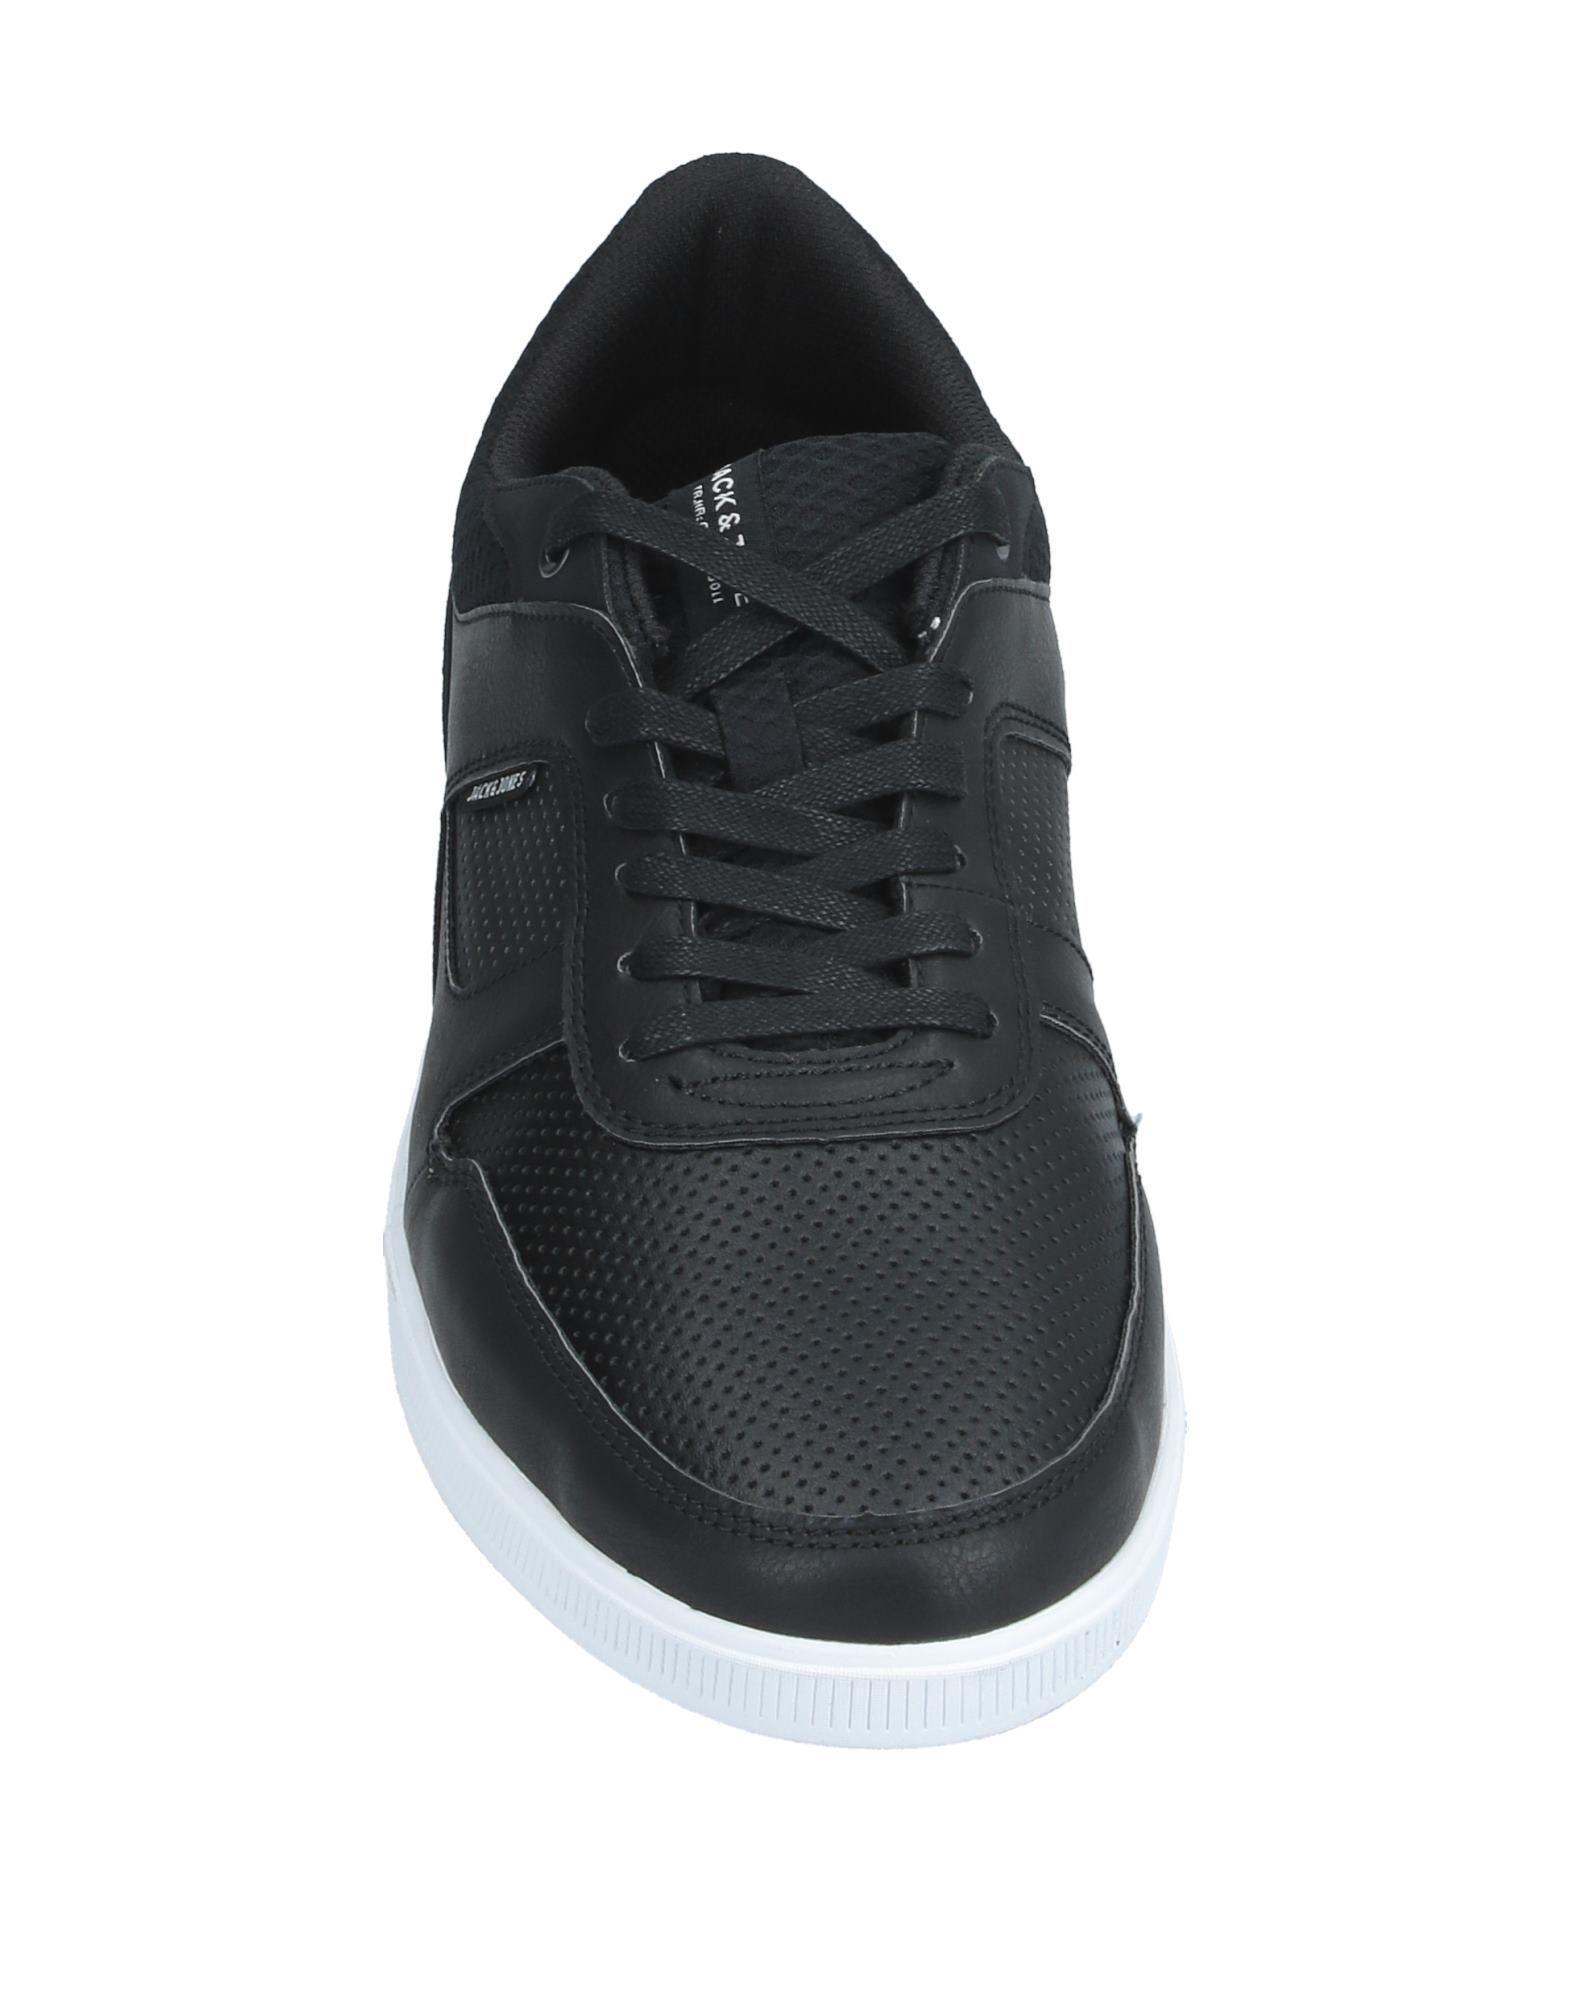 Sneakers & Deportivas Jack & Jones de Cuero de color Negro para hombre